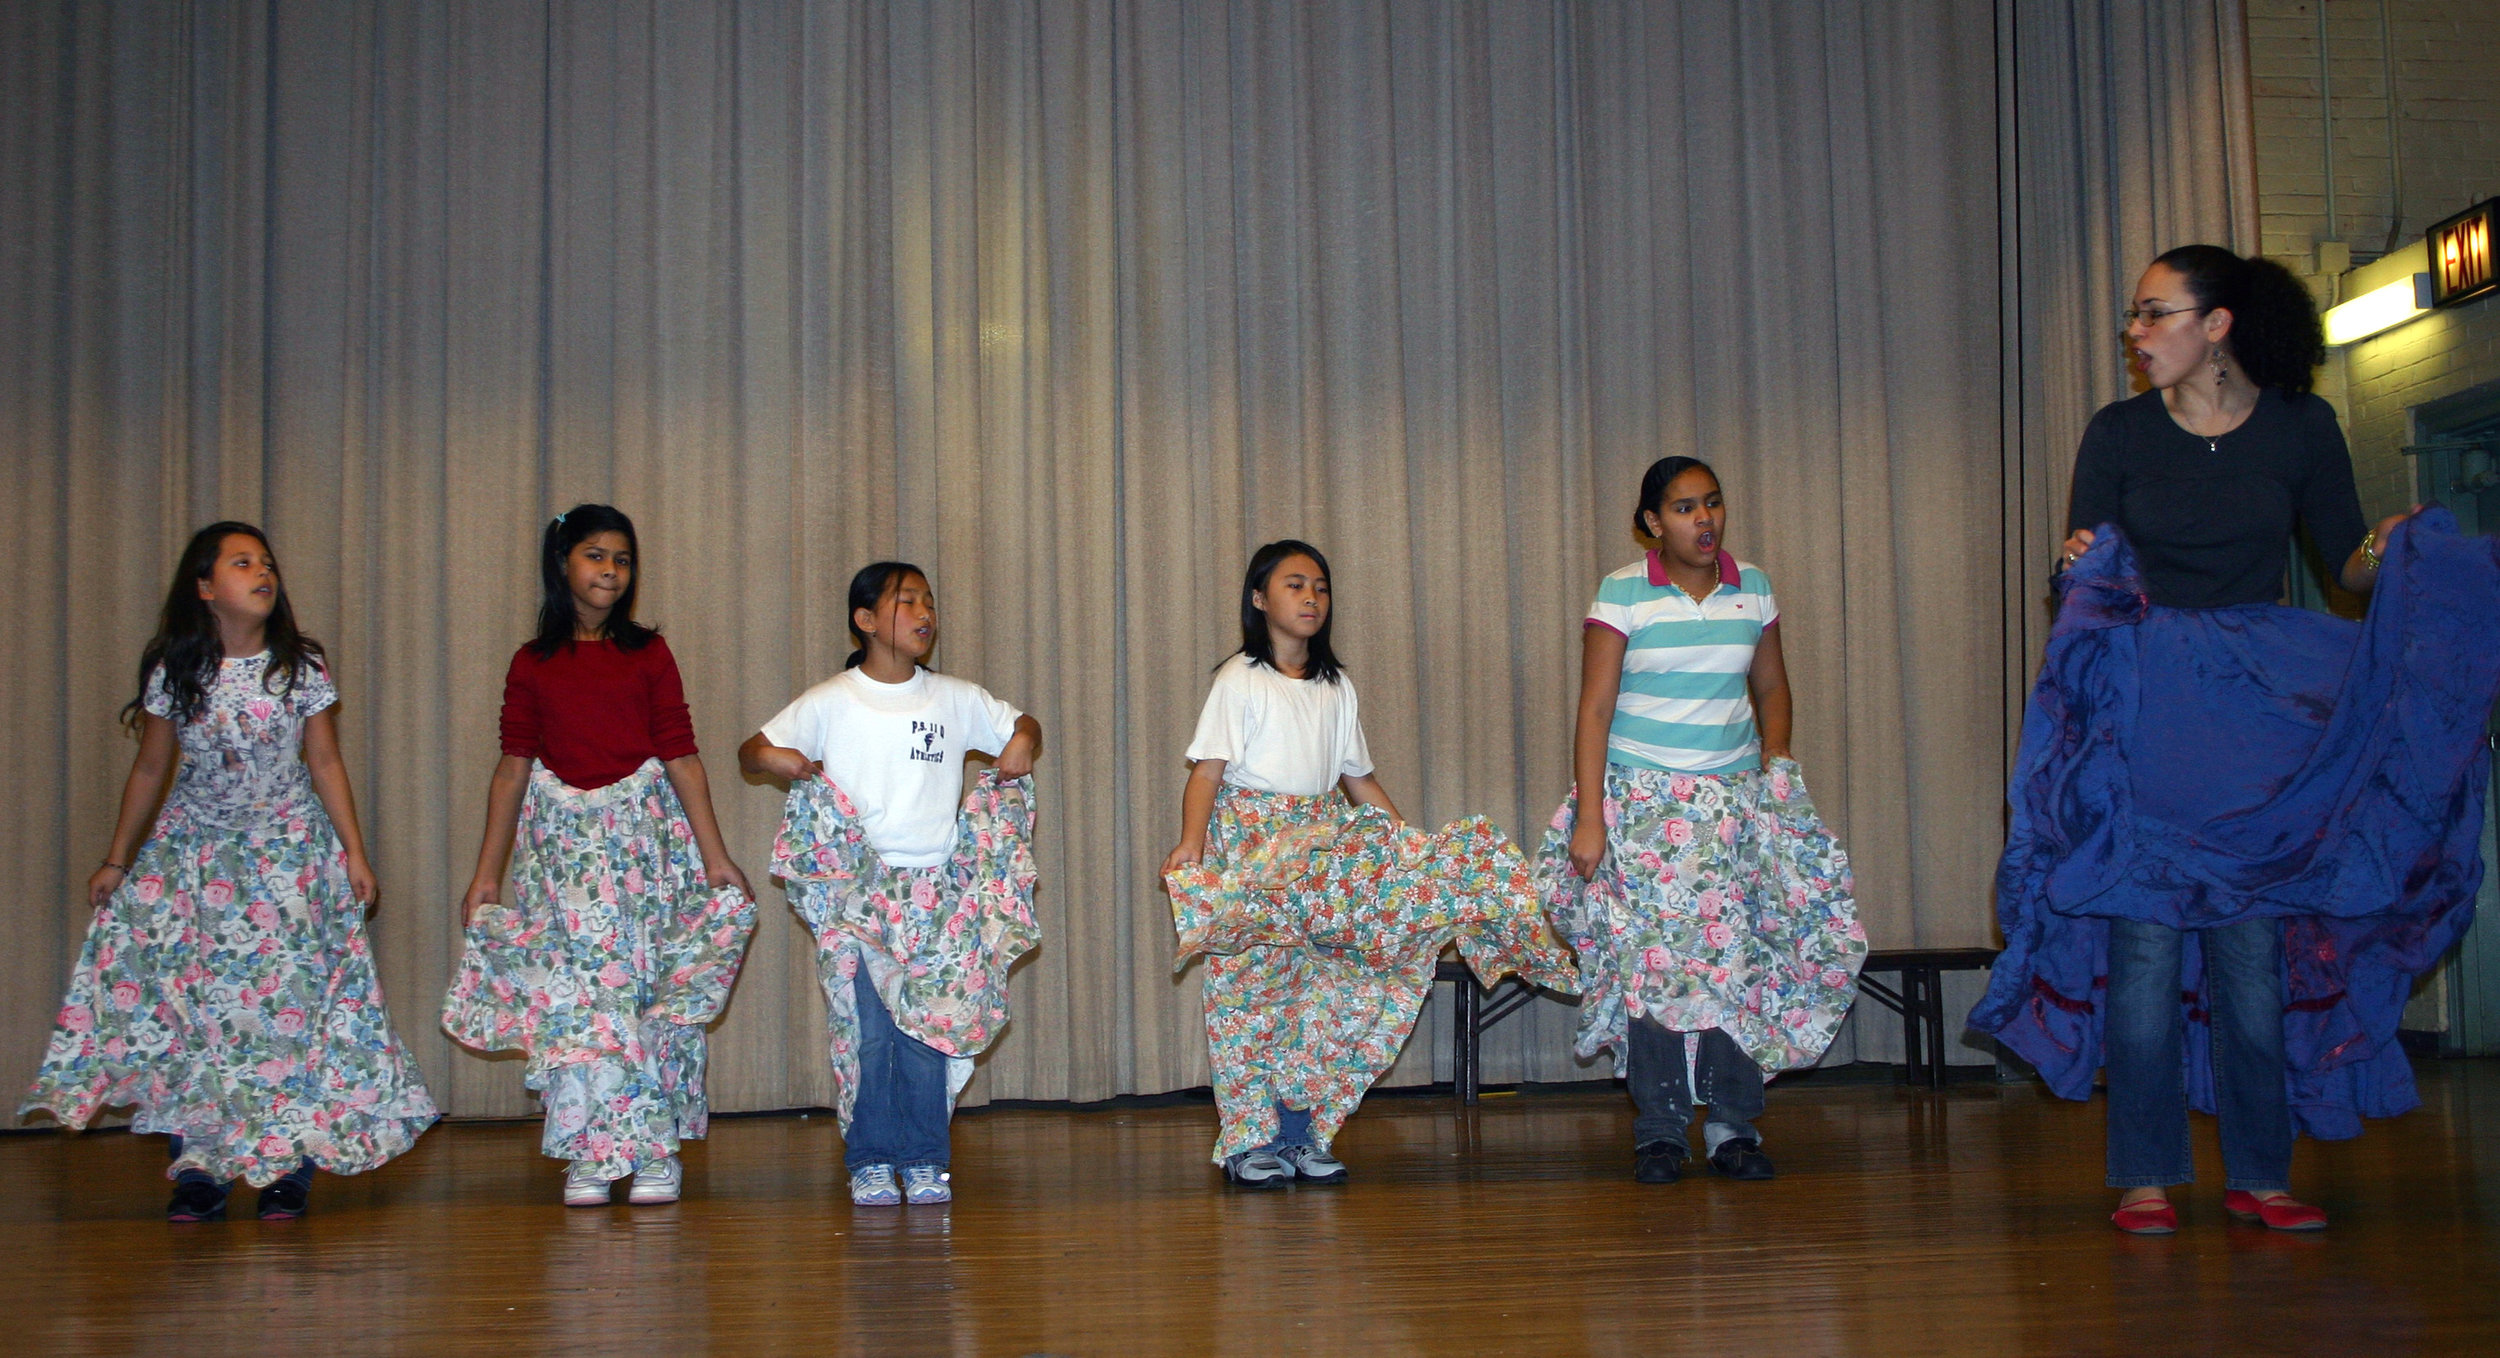 Fit 4 Dance